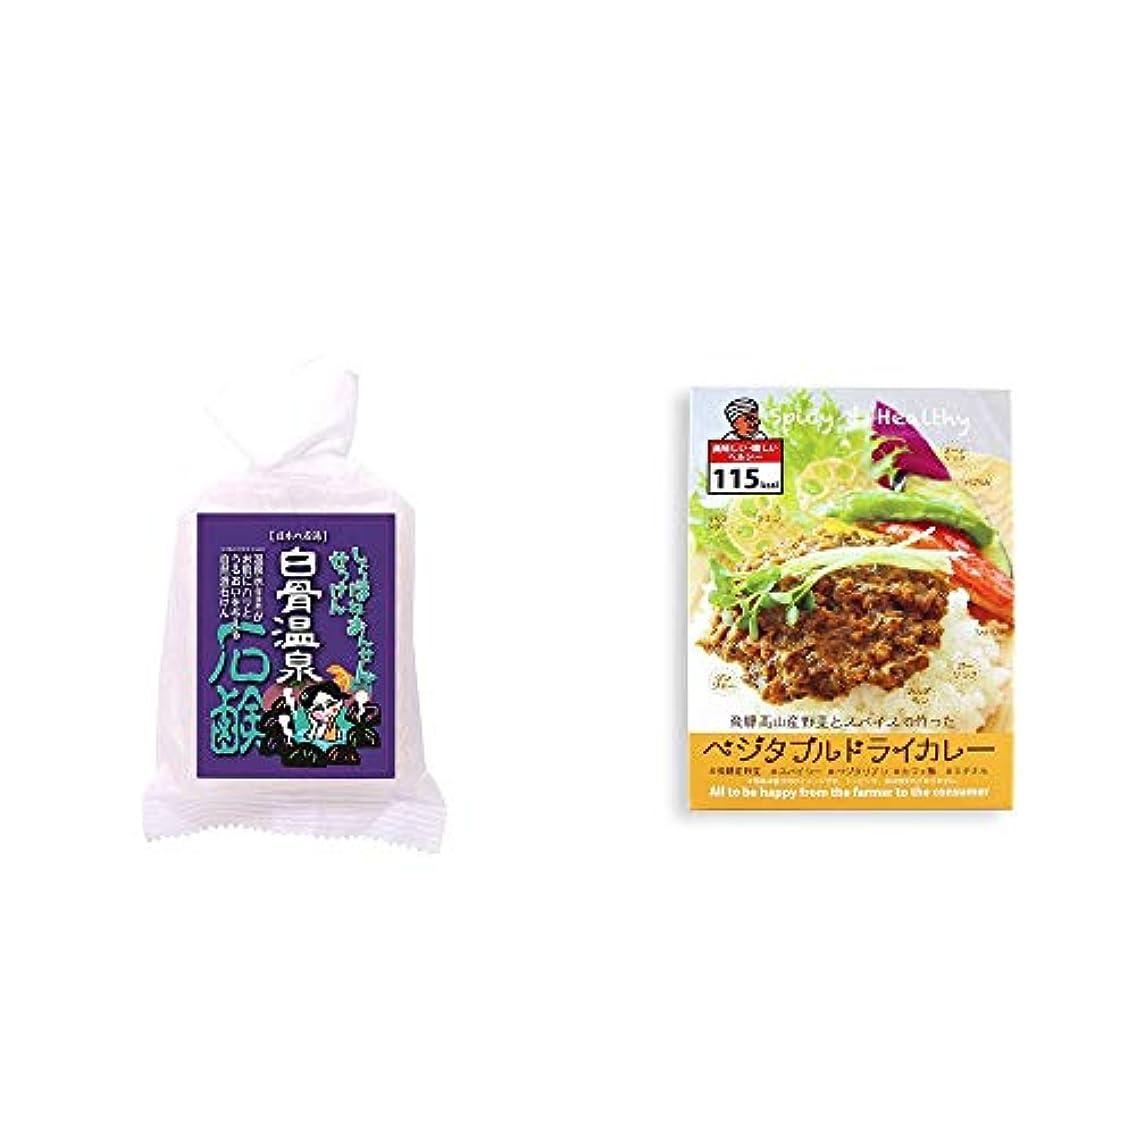 マキシムもの標準[2点セット] 信州 白骨温泉石鹸(80g)?飛騨産野菜とスパイスで作ったベジタブルドライカレー(100g)